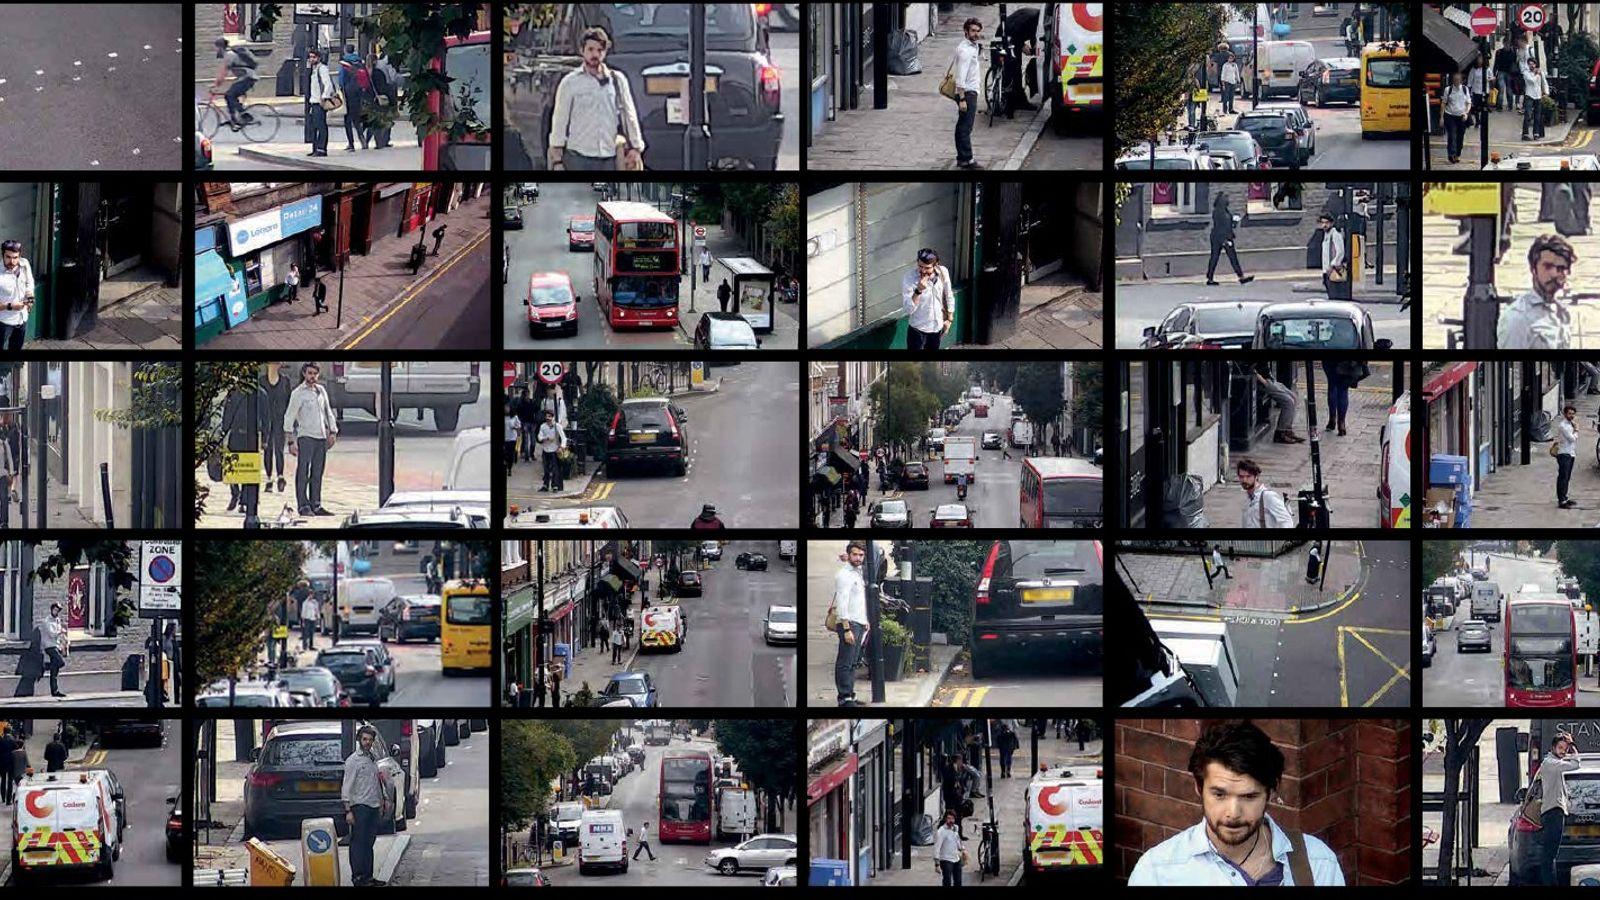 Uma câmera segue uma pessoa contratada para caminhar pela rua em Islington, um bairro de Londres.